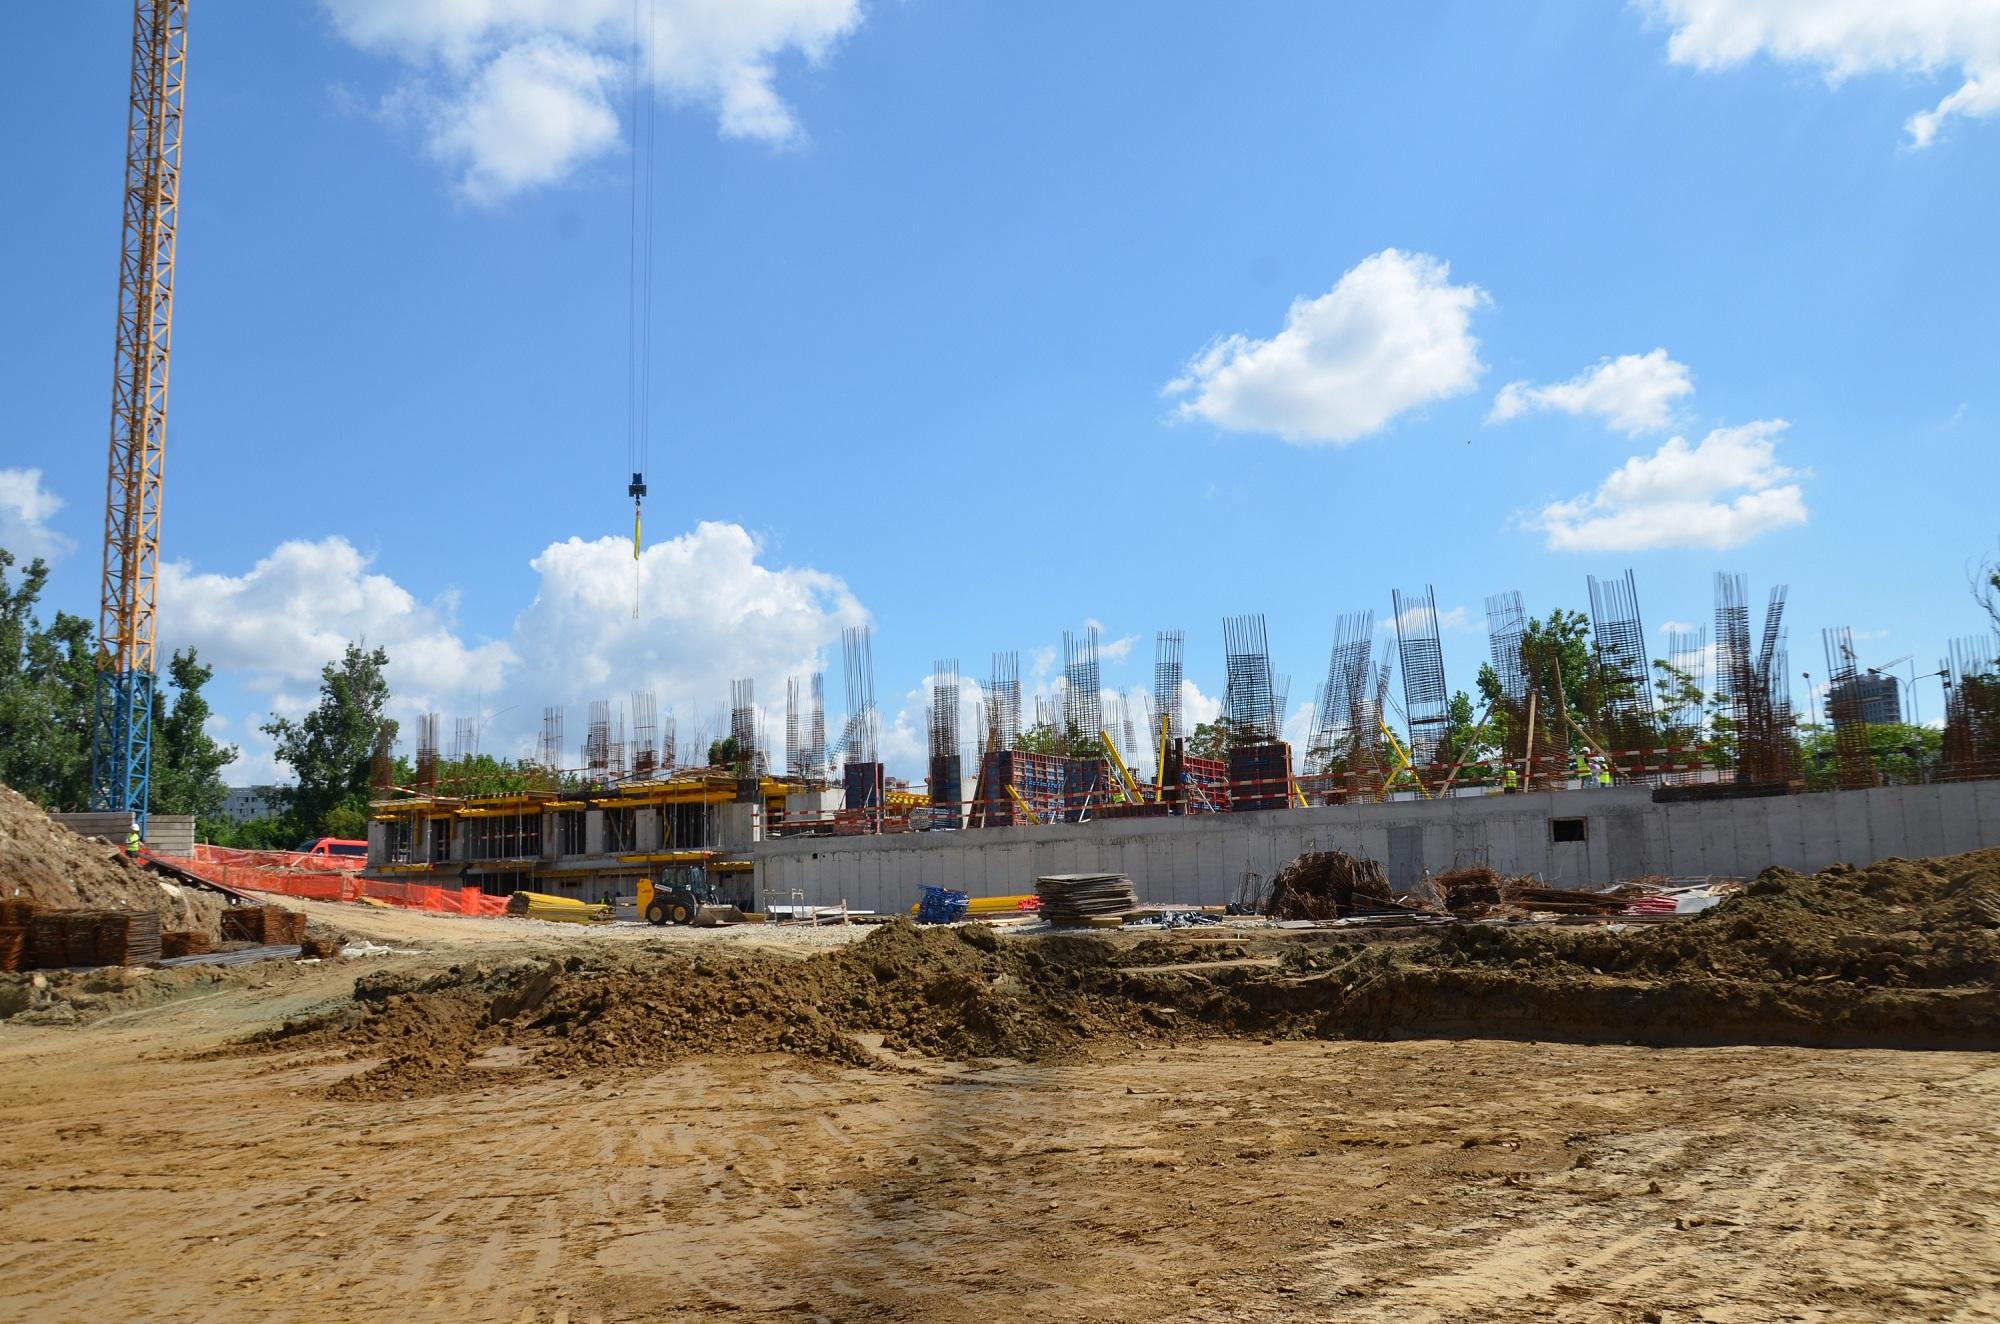 Parcului20 Romania atractiva pentru investitii imobiliare un mare dezvoltator din Ungaria cumpara teren pentru al saselea ansamblu rezidential